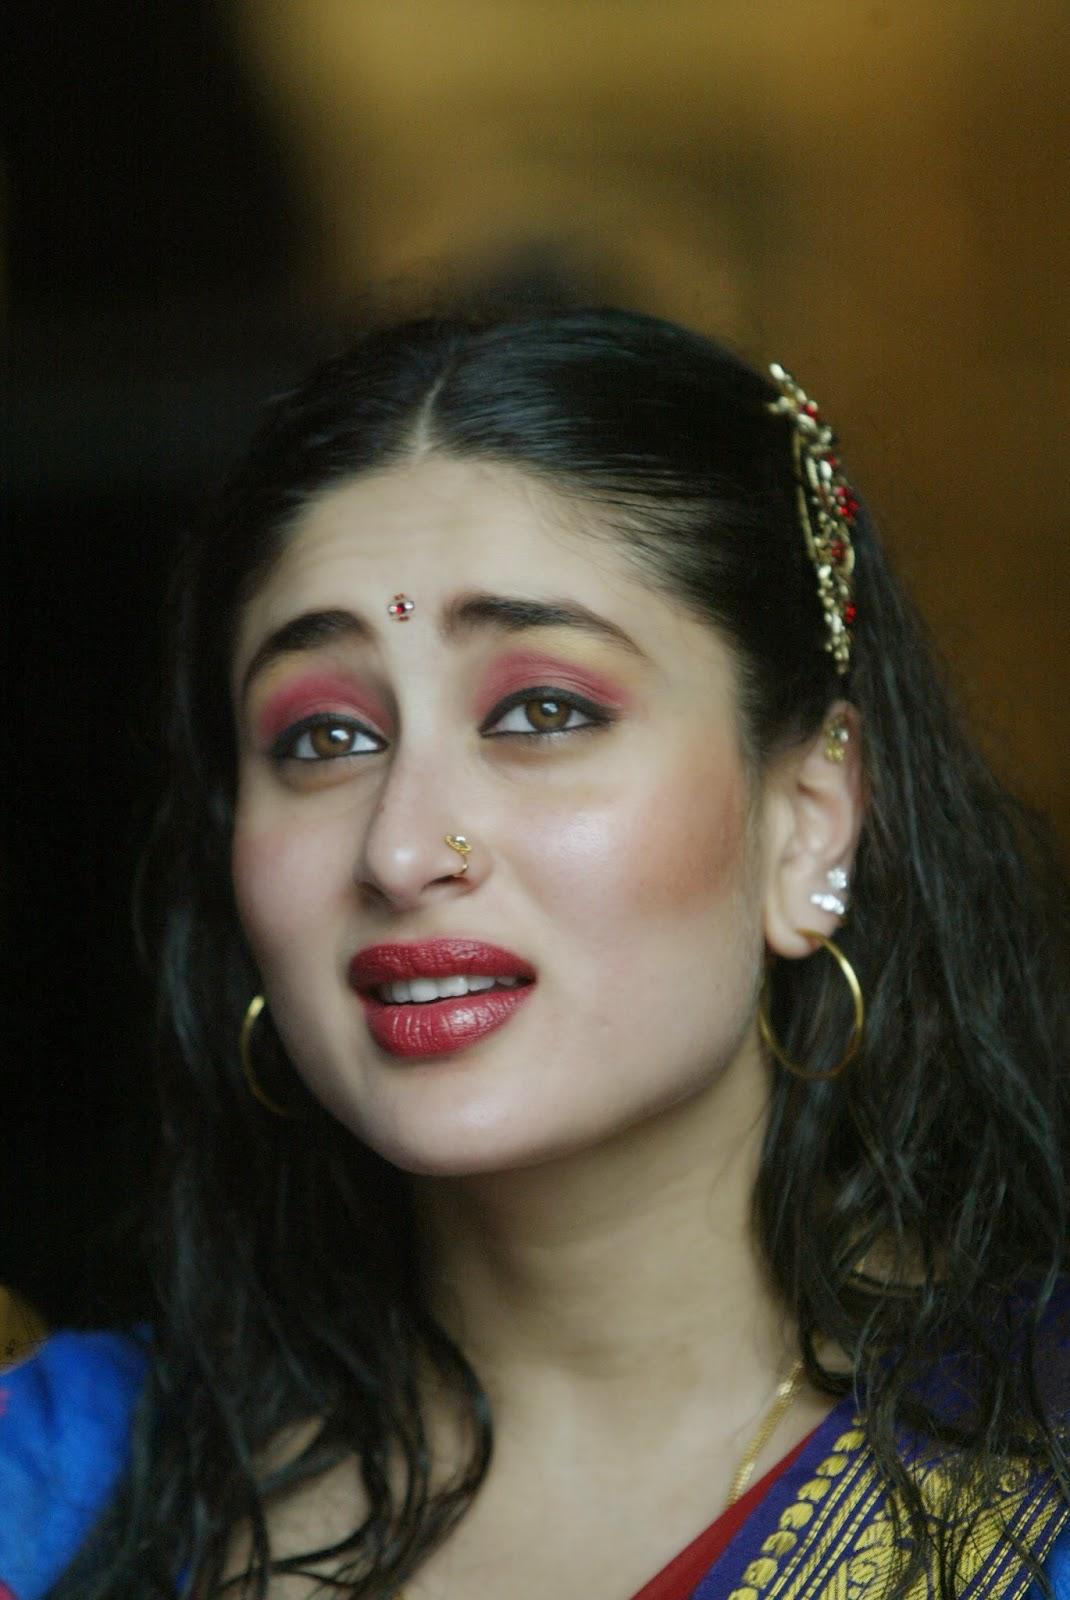 Best of karisma kapoor vol 1 full video songs jukebox 90s hits hindi so - 5 3